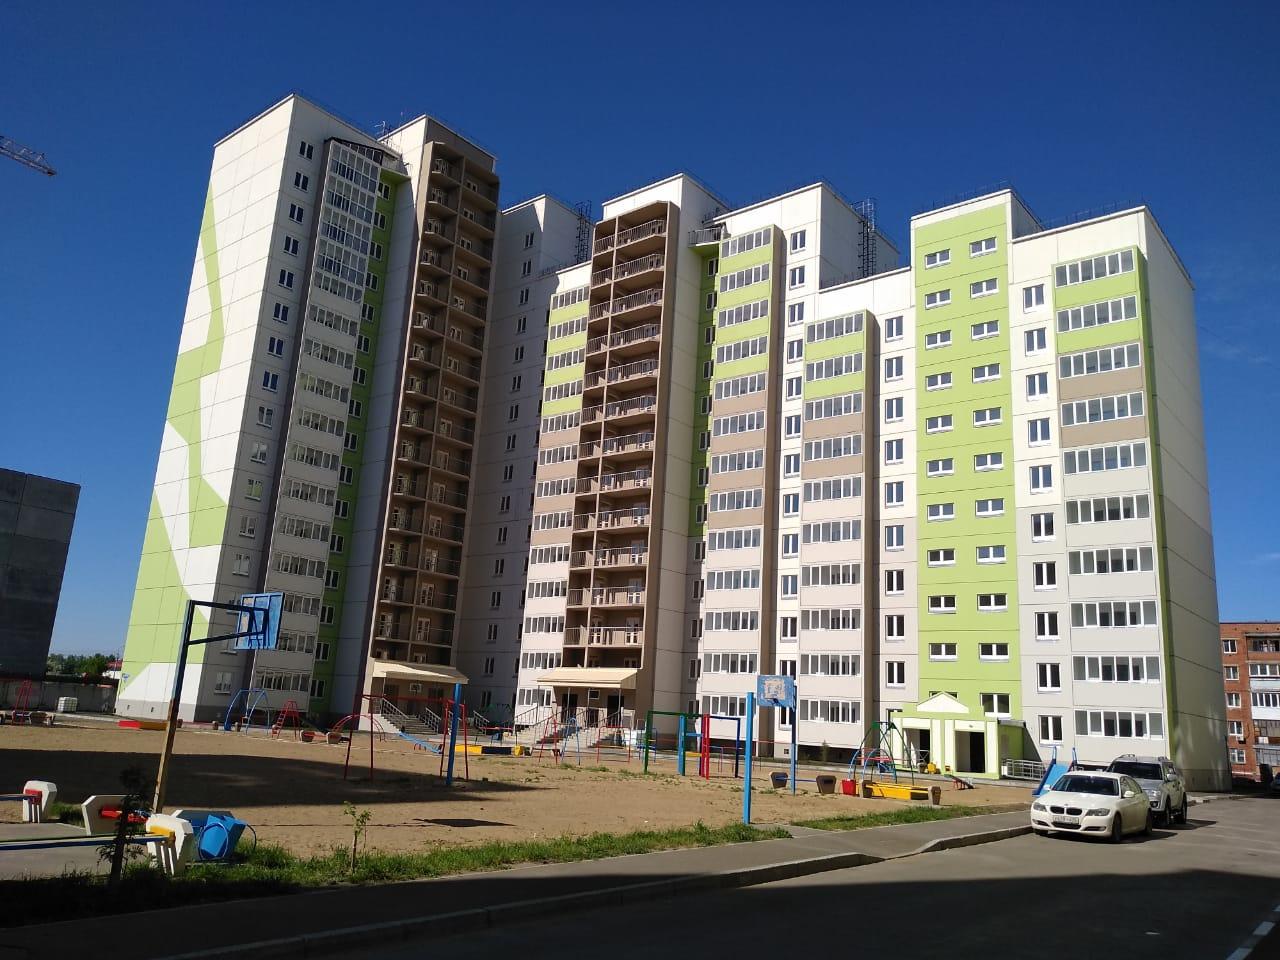 В Омске сдали 17-этажный жилой дом #Омск #Общество #Сегодня